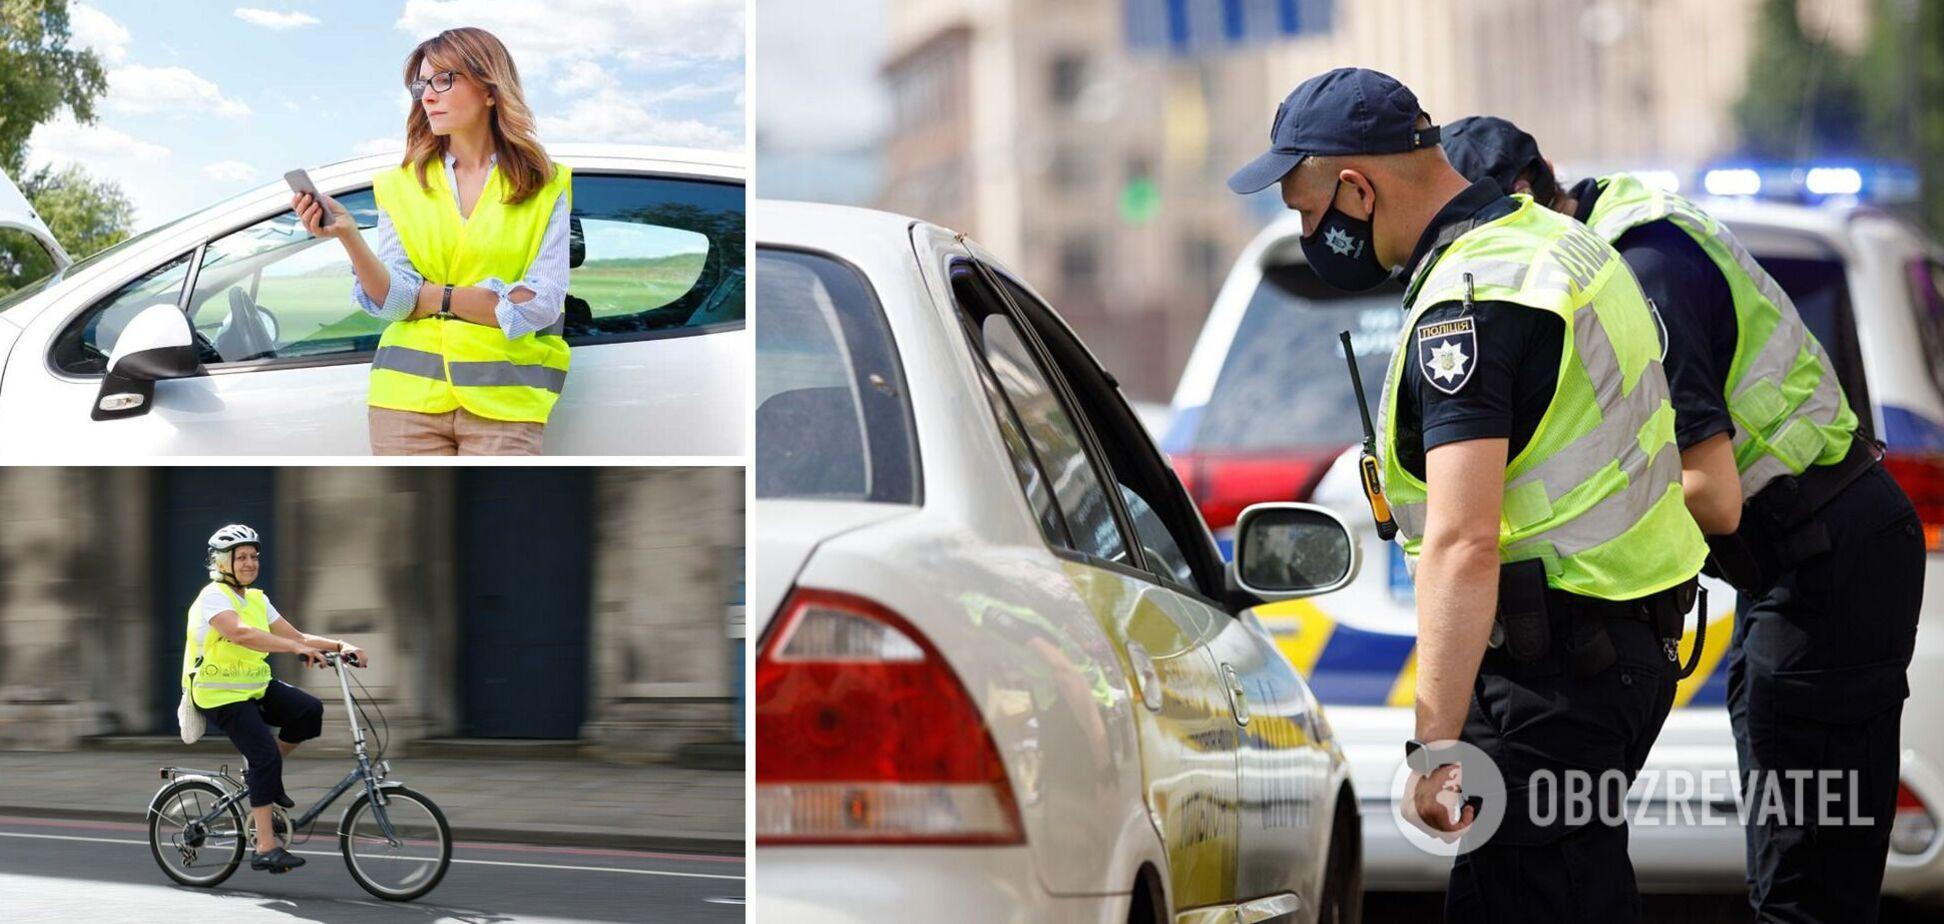 Водителей и пассажиров обяжут носить светоотражающие жилеты: какие новшества ждут украинцев